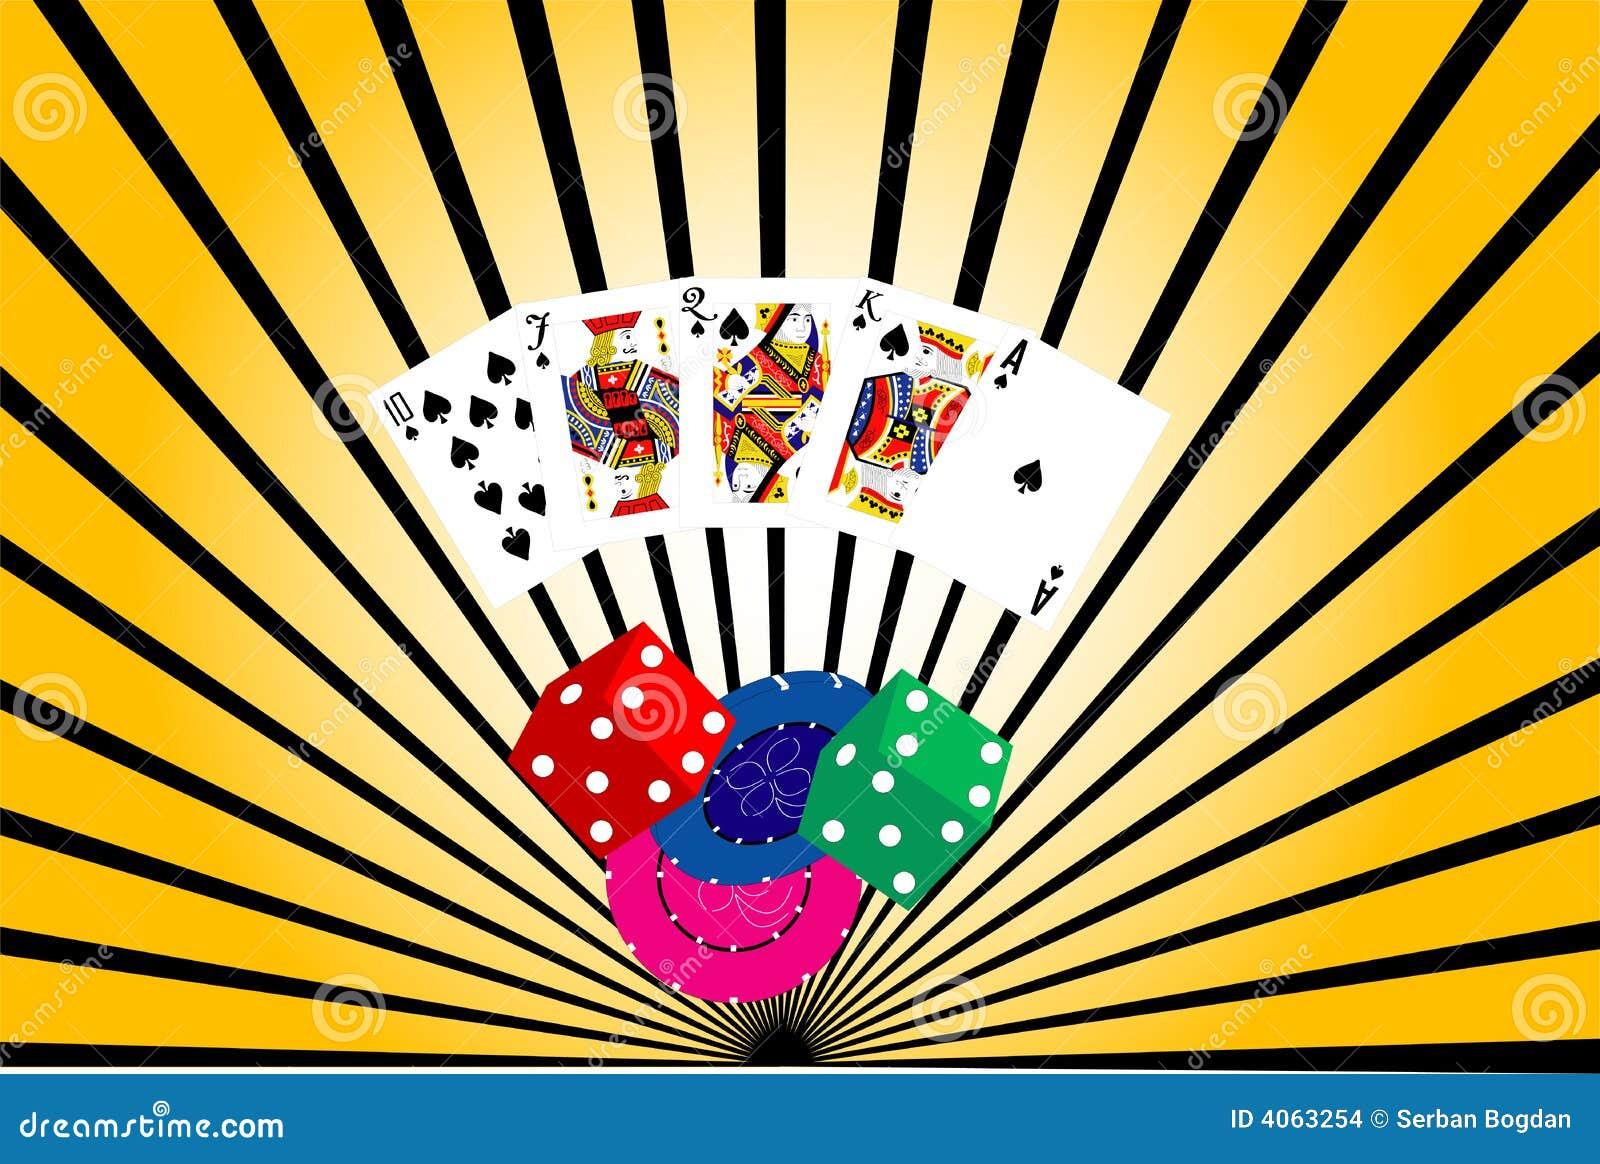 Fundo abstrato do casino